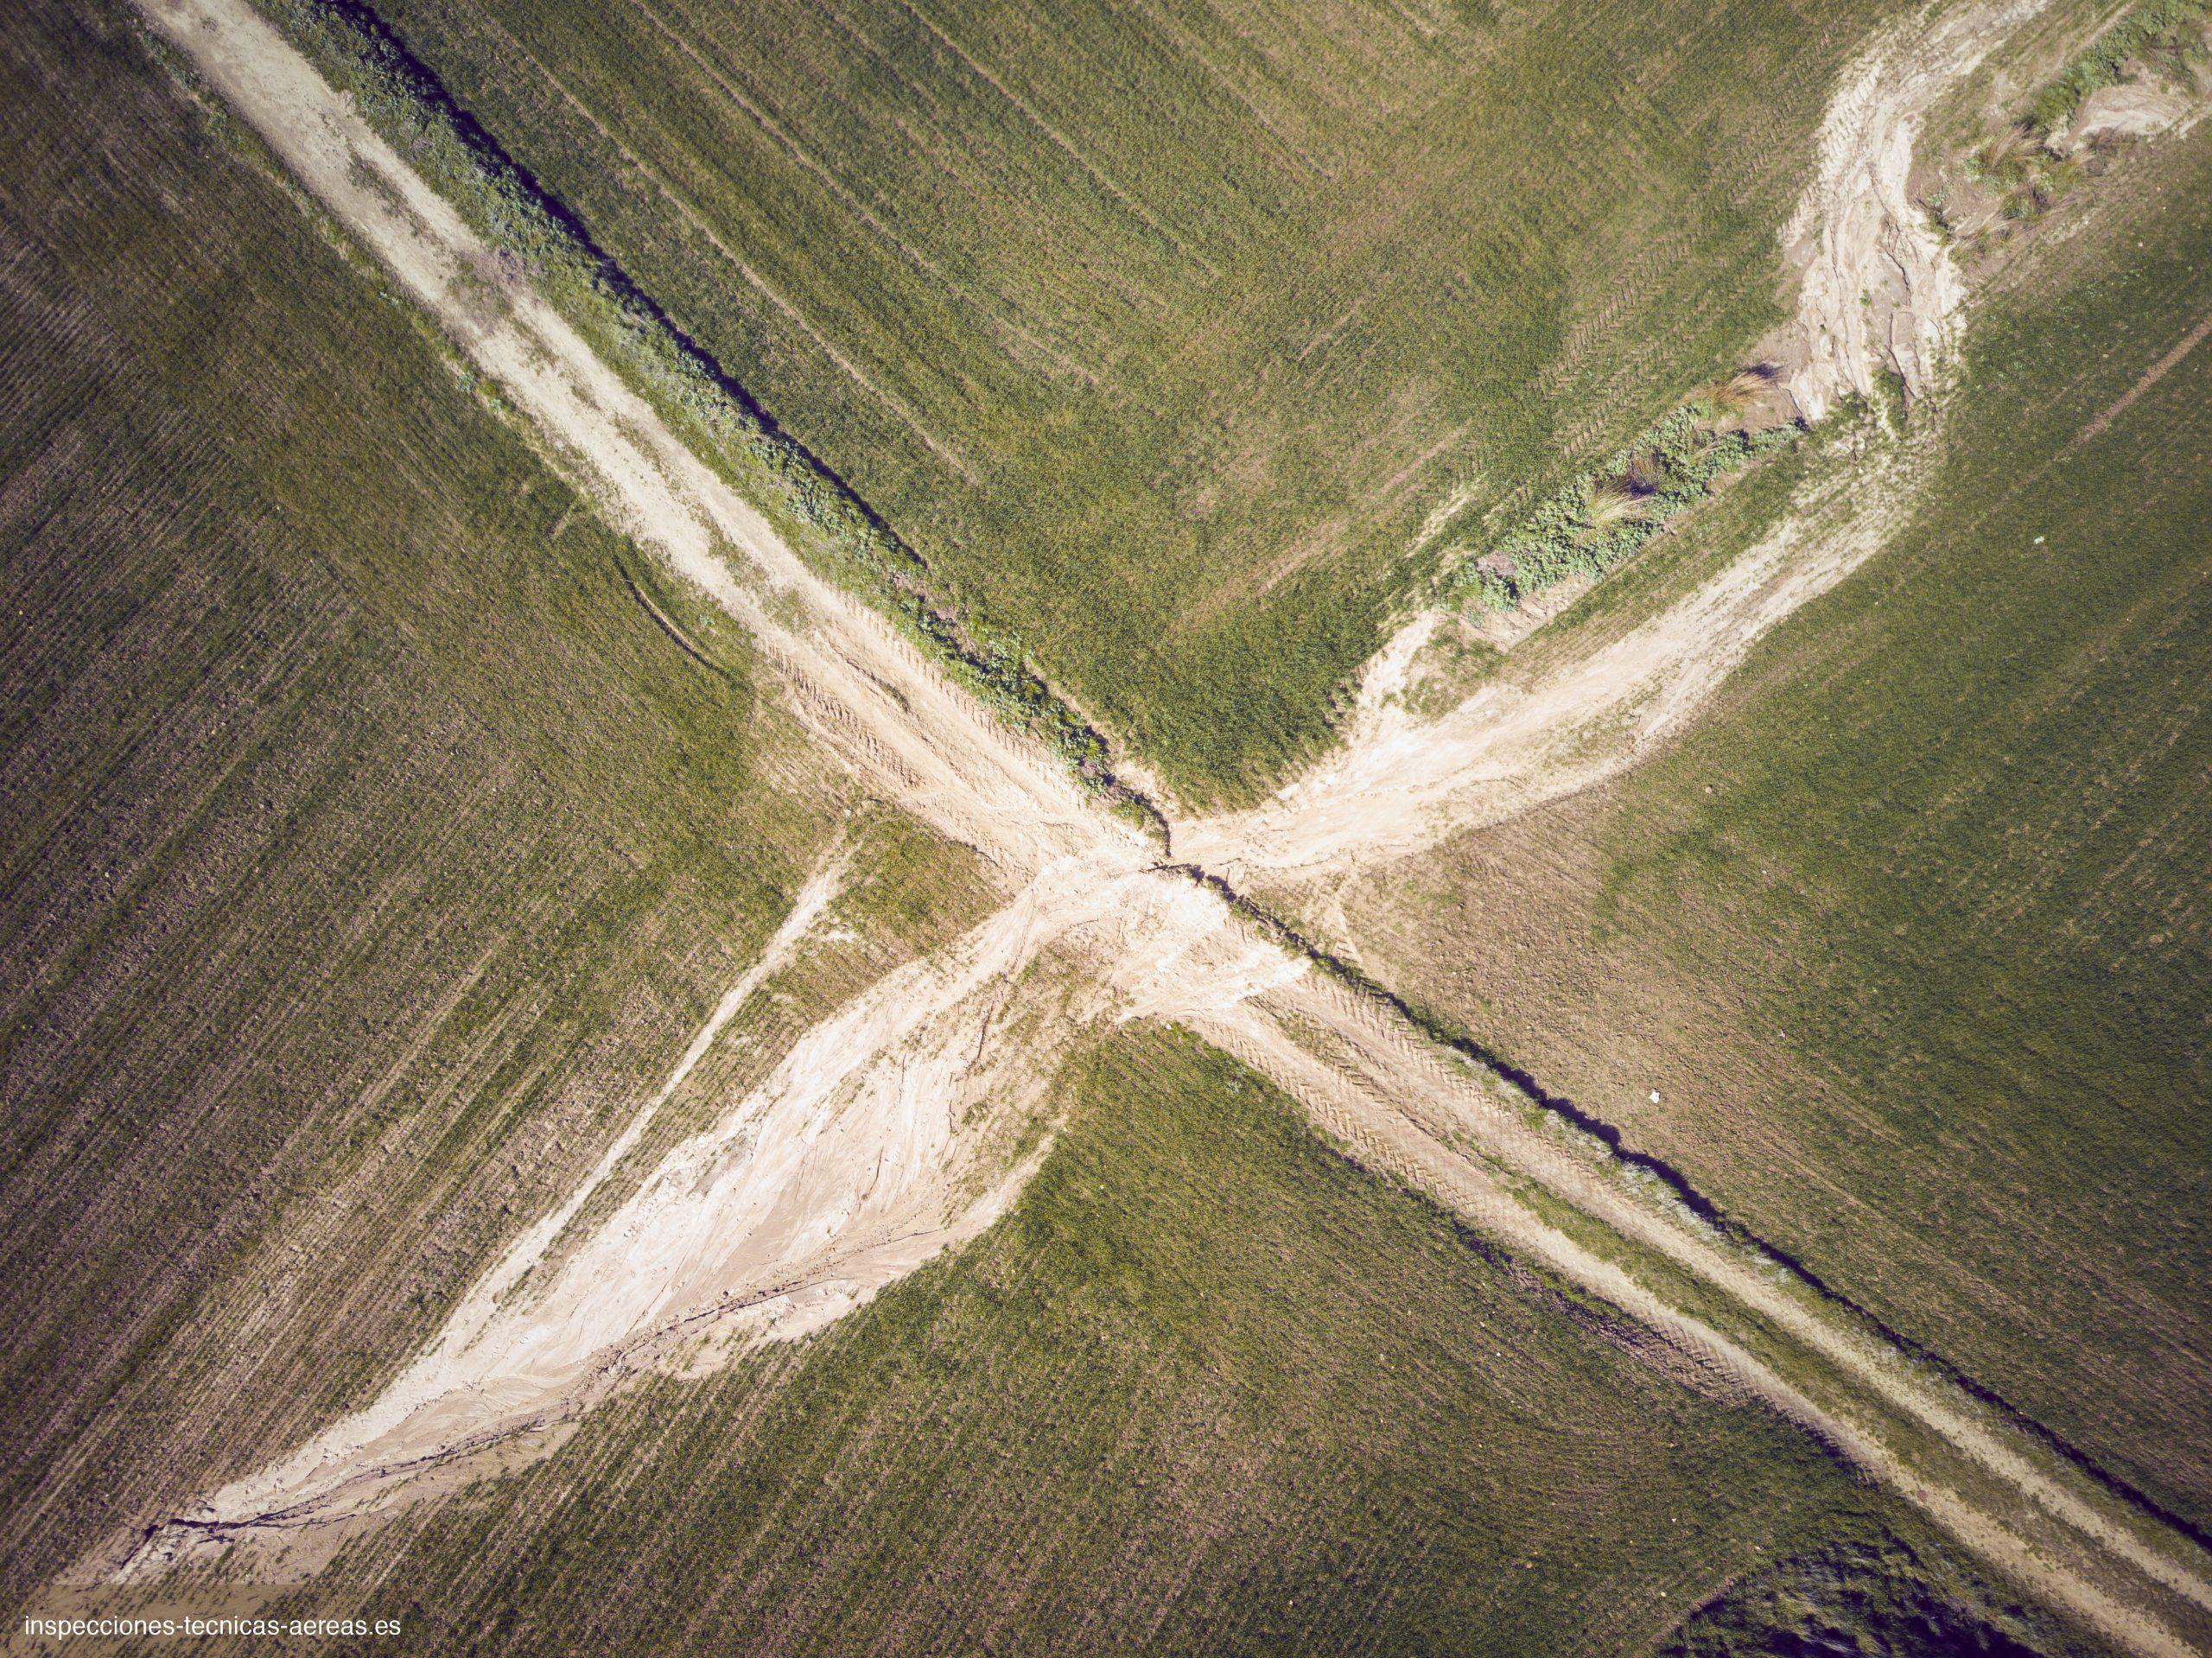 Peritación de daños para agricultura después del paso de la borrasca Filomena. Enero 2021. ©ArialTecnica.